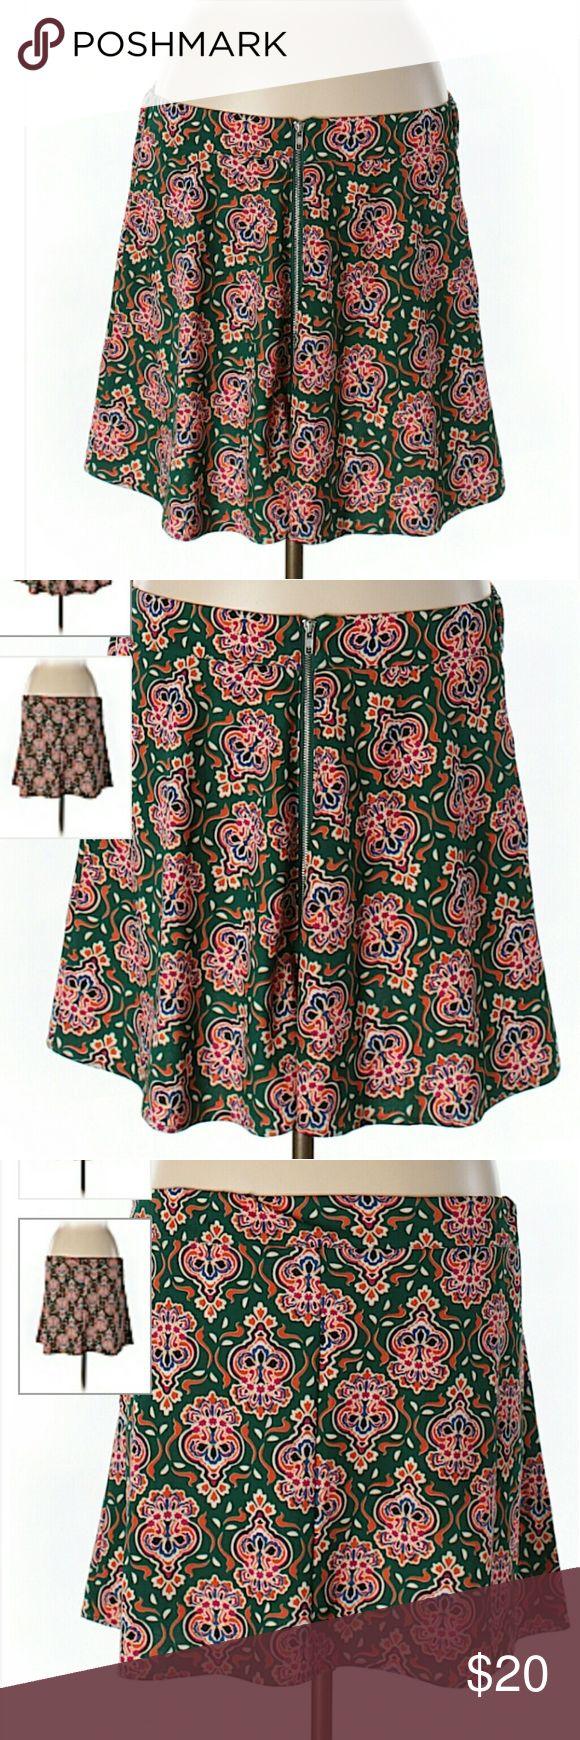 ASOS glamorous skater skirt sz 14 purchased at asos glamorous brand sz 14 skater skirt ASOS Skirts Circle & Skater